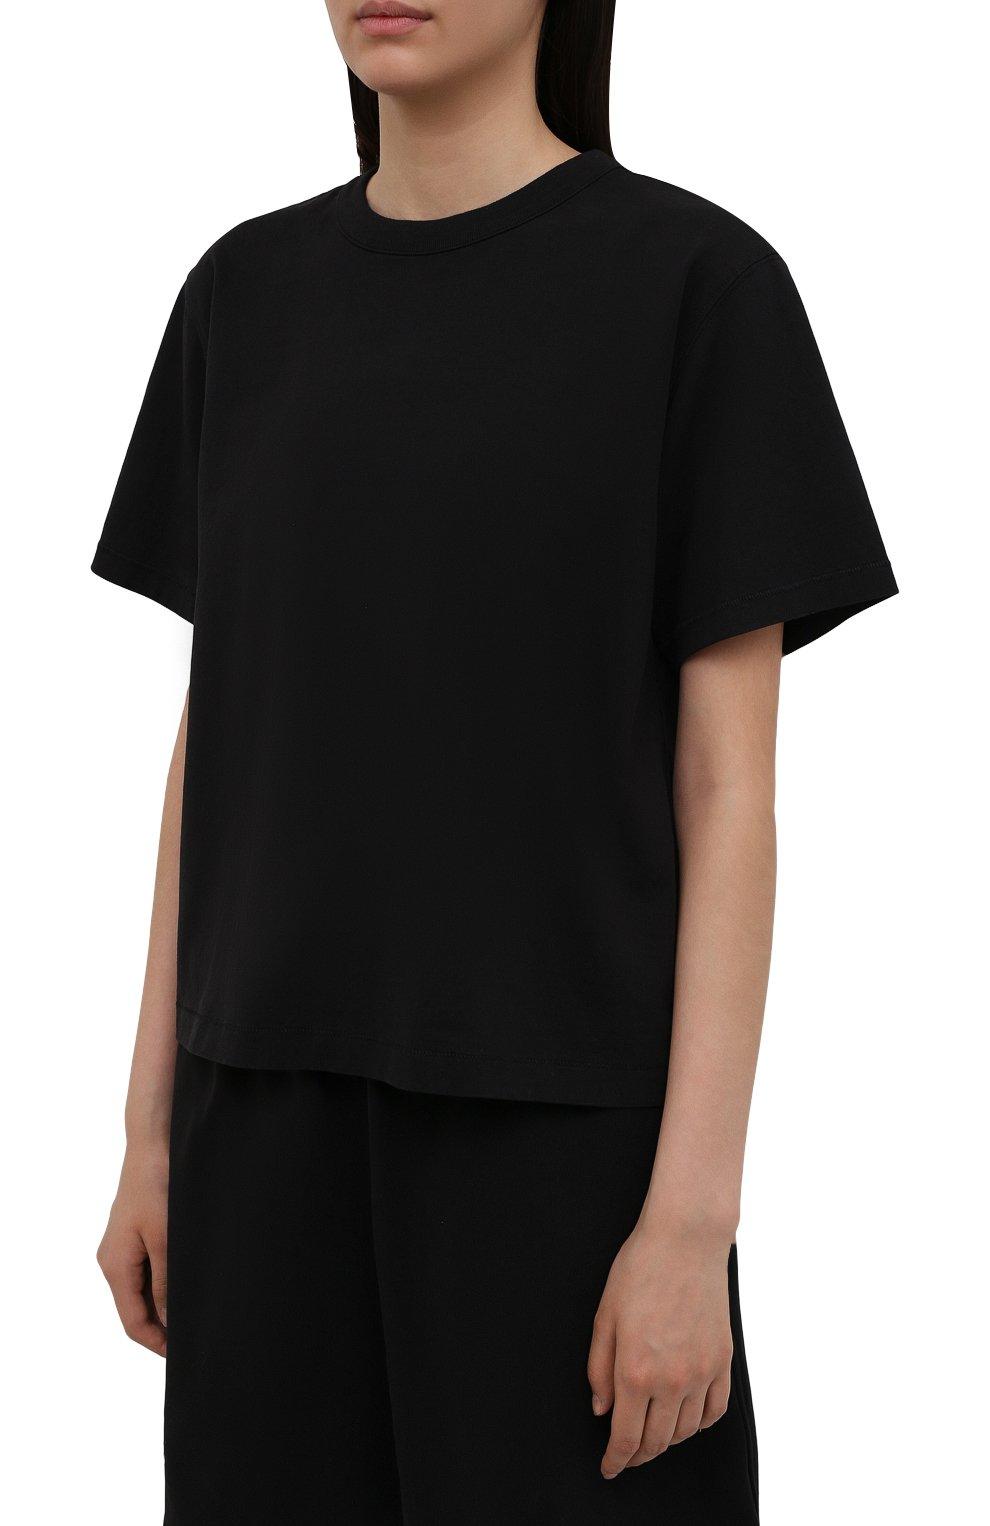 Женская хлопковая футболка HERON PRESTON FOR CALVIN KLEIN черного цвета, арт. K10K108252   Фото 3 (Женское Кросс-КТ: Футболка-спорт; Принт: Без принта; Рукава: Короткие; Длина (для топов): Стандартные; Материал внешний: Хлопок; Стили: Спорт-шик)